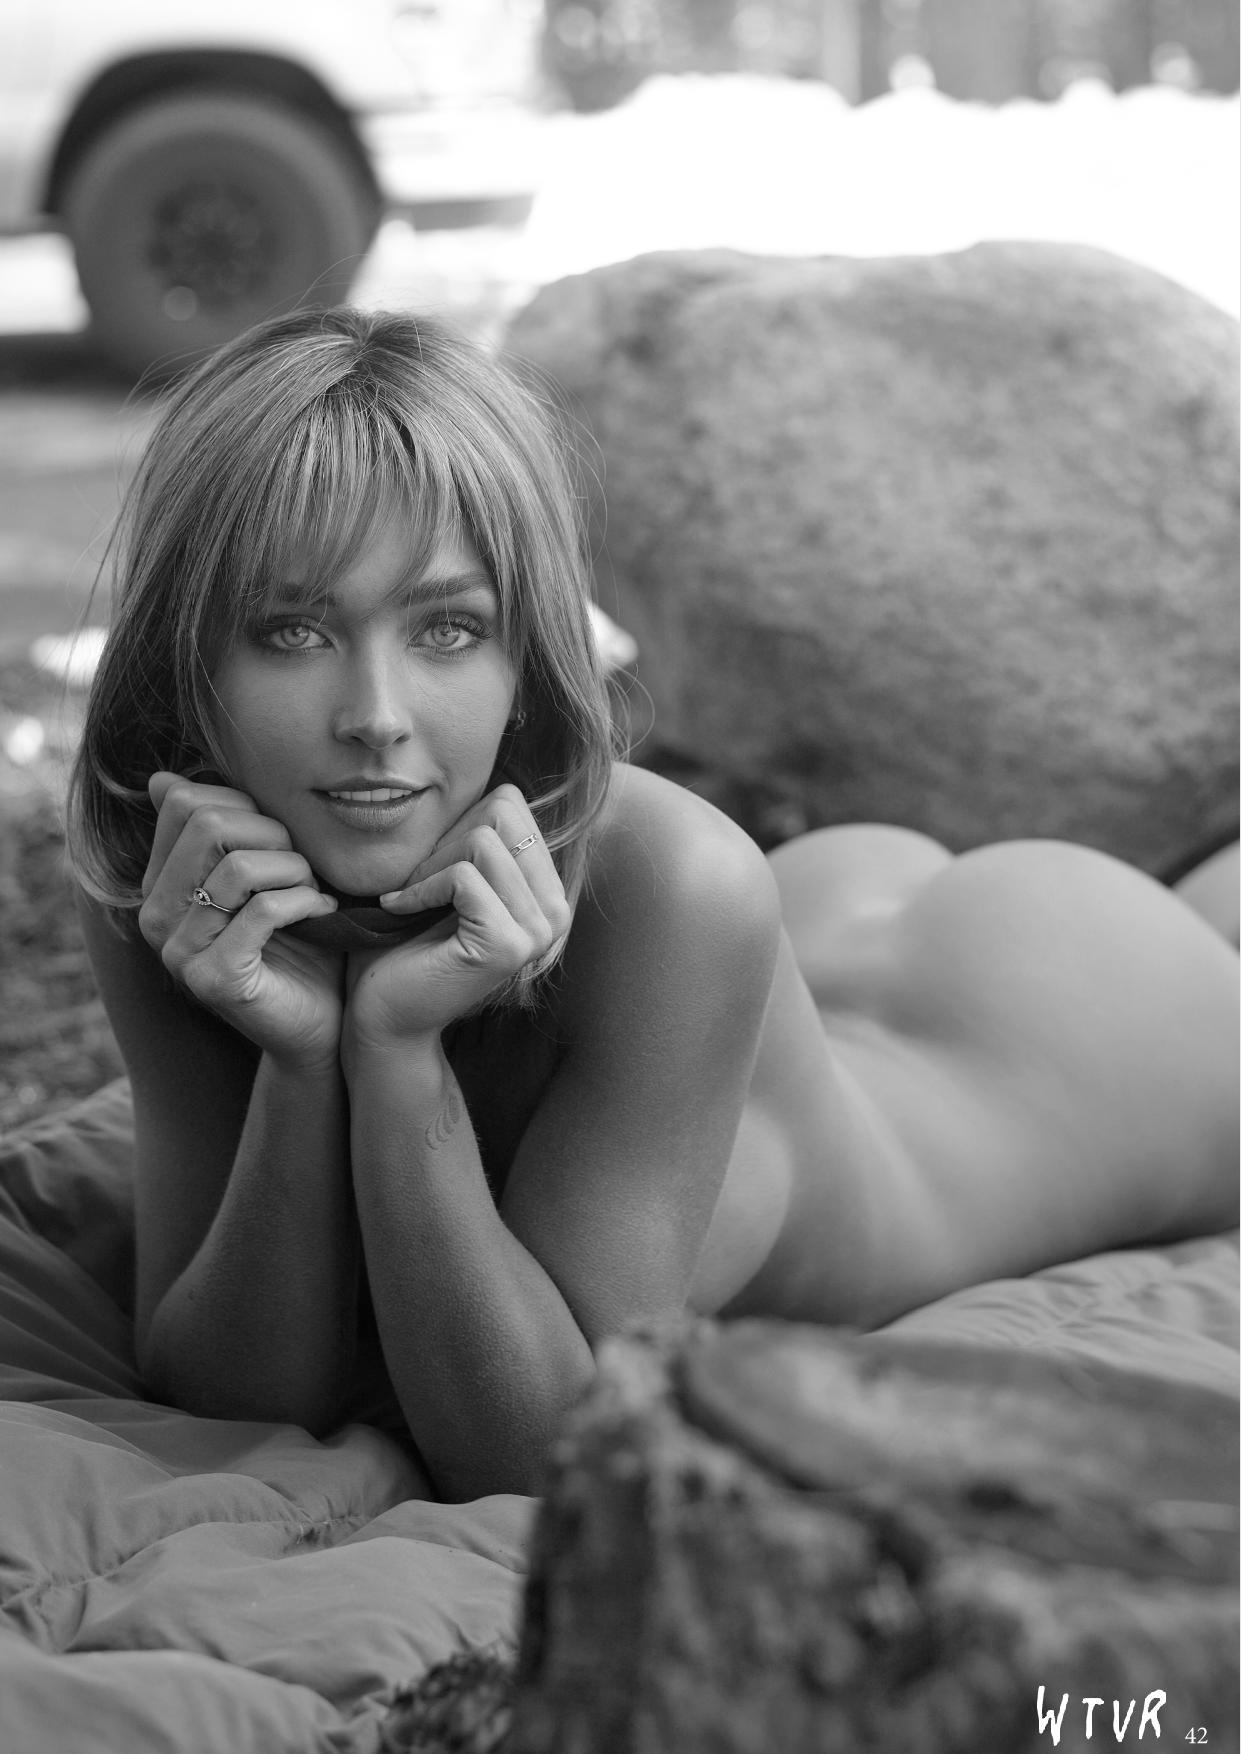 Rachel Cook, Alexis Rupp Nude – Wtvr Magazine №3 0040